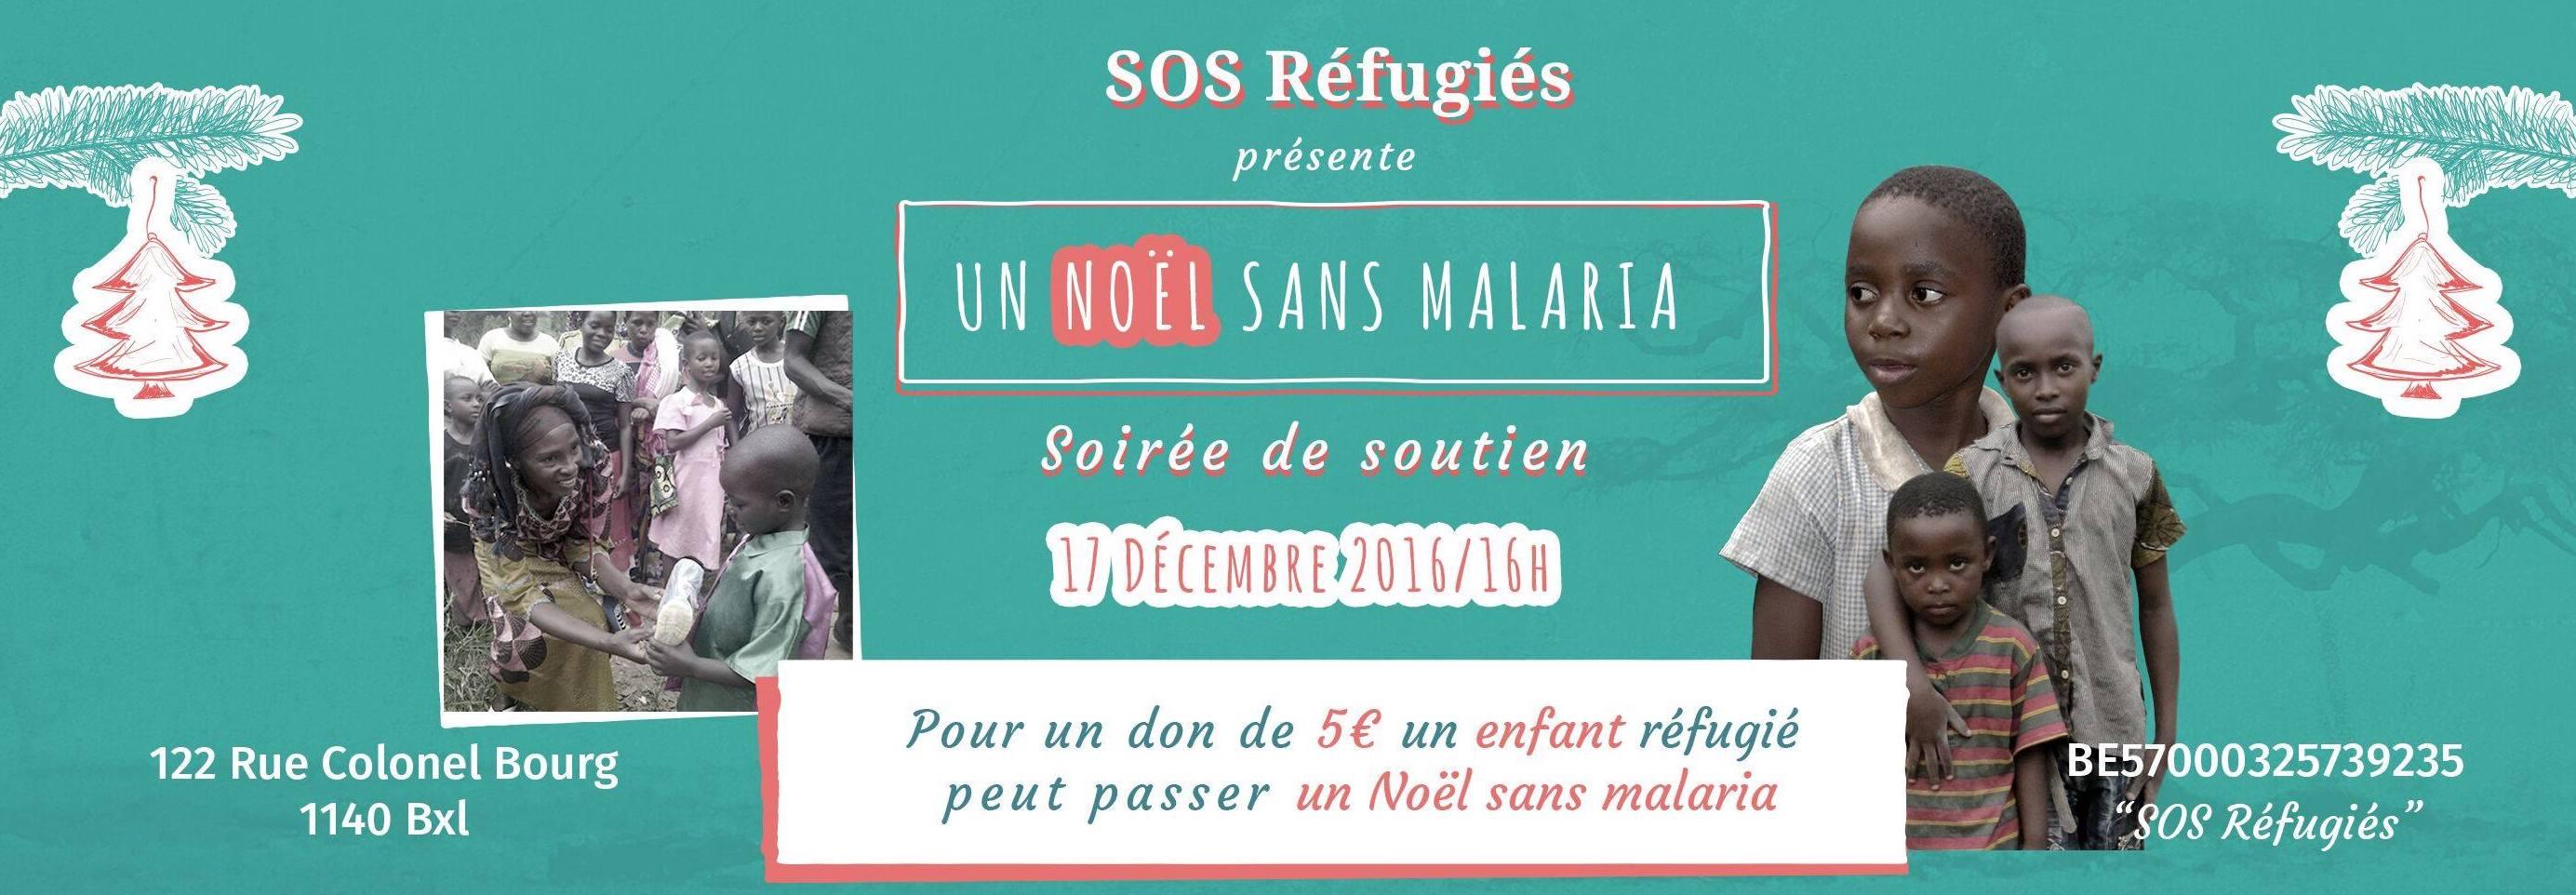 La communauté rwandaise de Belgique se mobilise pour les réfugiés